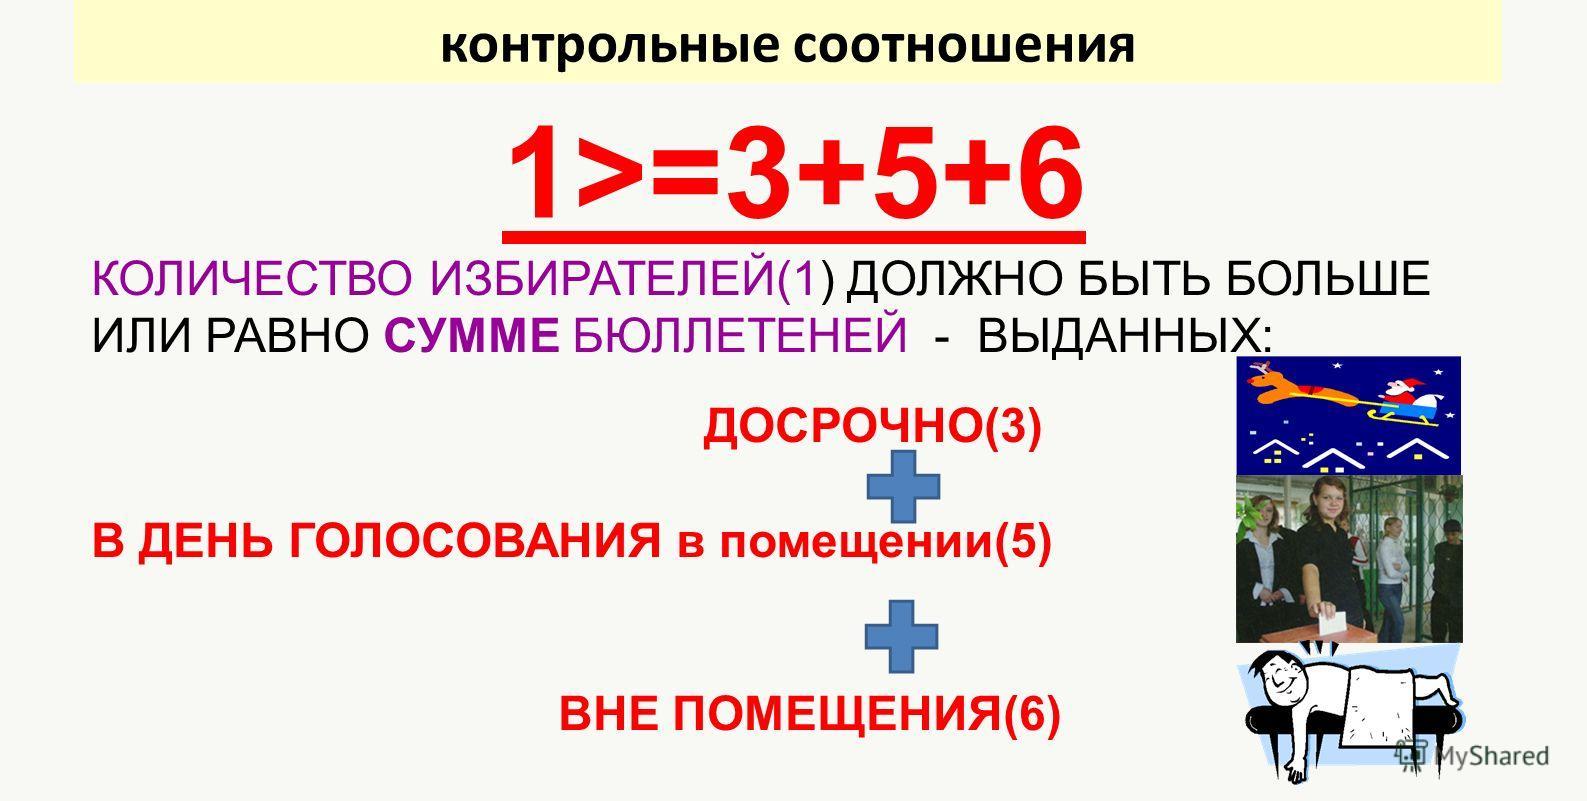 контрольные соотношения 1>=3+5+6 КОЛИЧЕСТВО ИЗБИРАТЕЛЕЙ(1) ДОЛЖНО БЫТЬ БОЛЬШЕ ИЛИ РАВНО СУММЕ БЮЛЛЕТЕНЕЙ - ВЫДАННЫХ: ДОСРОЧНО(3) В ДЕНЬ ГОЛОСОВАНИЯ в помещении(5) ВНЕ ПОМЕЩЕНИЯ(6)